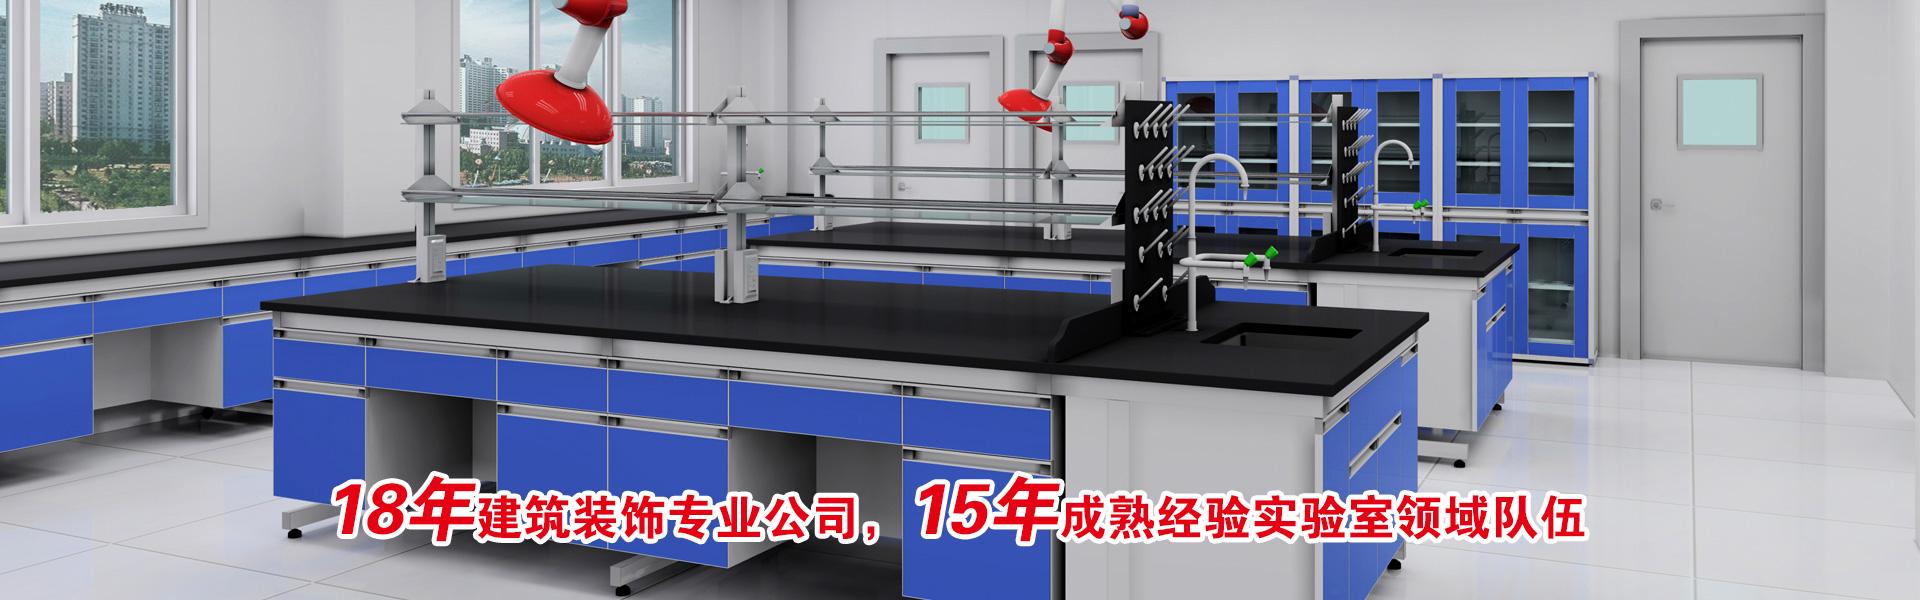 南宁艾科普实验设备有限责任公司